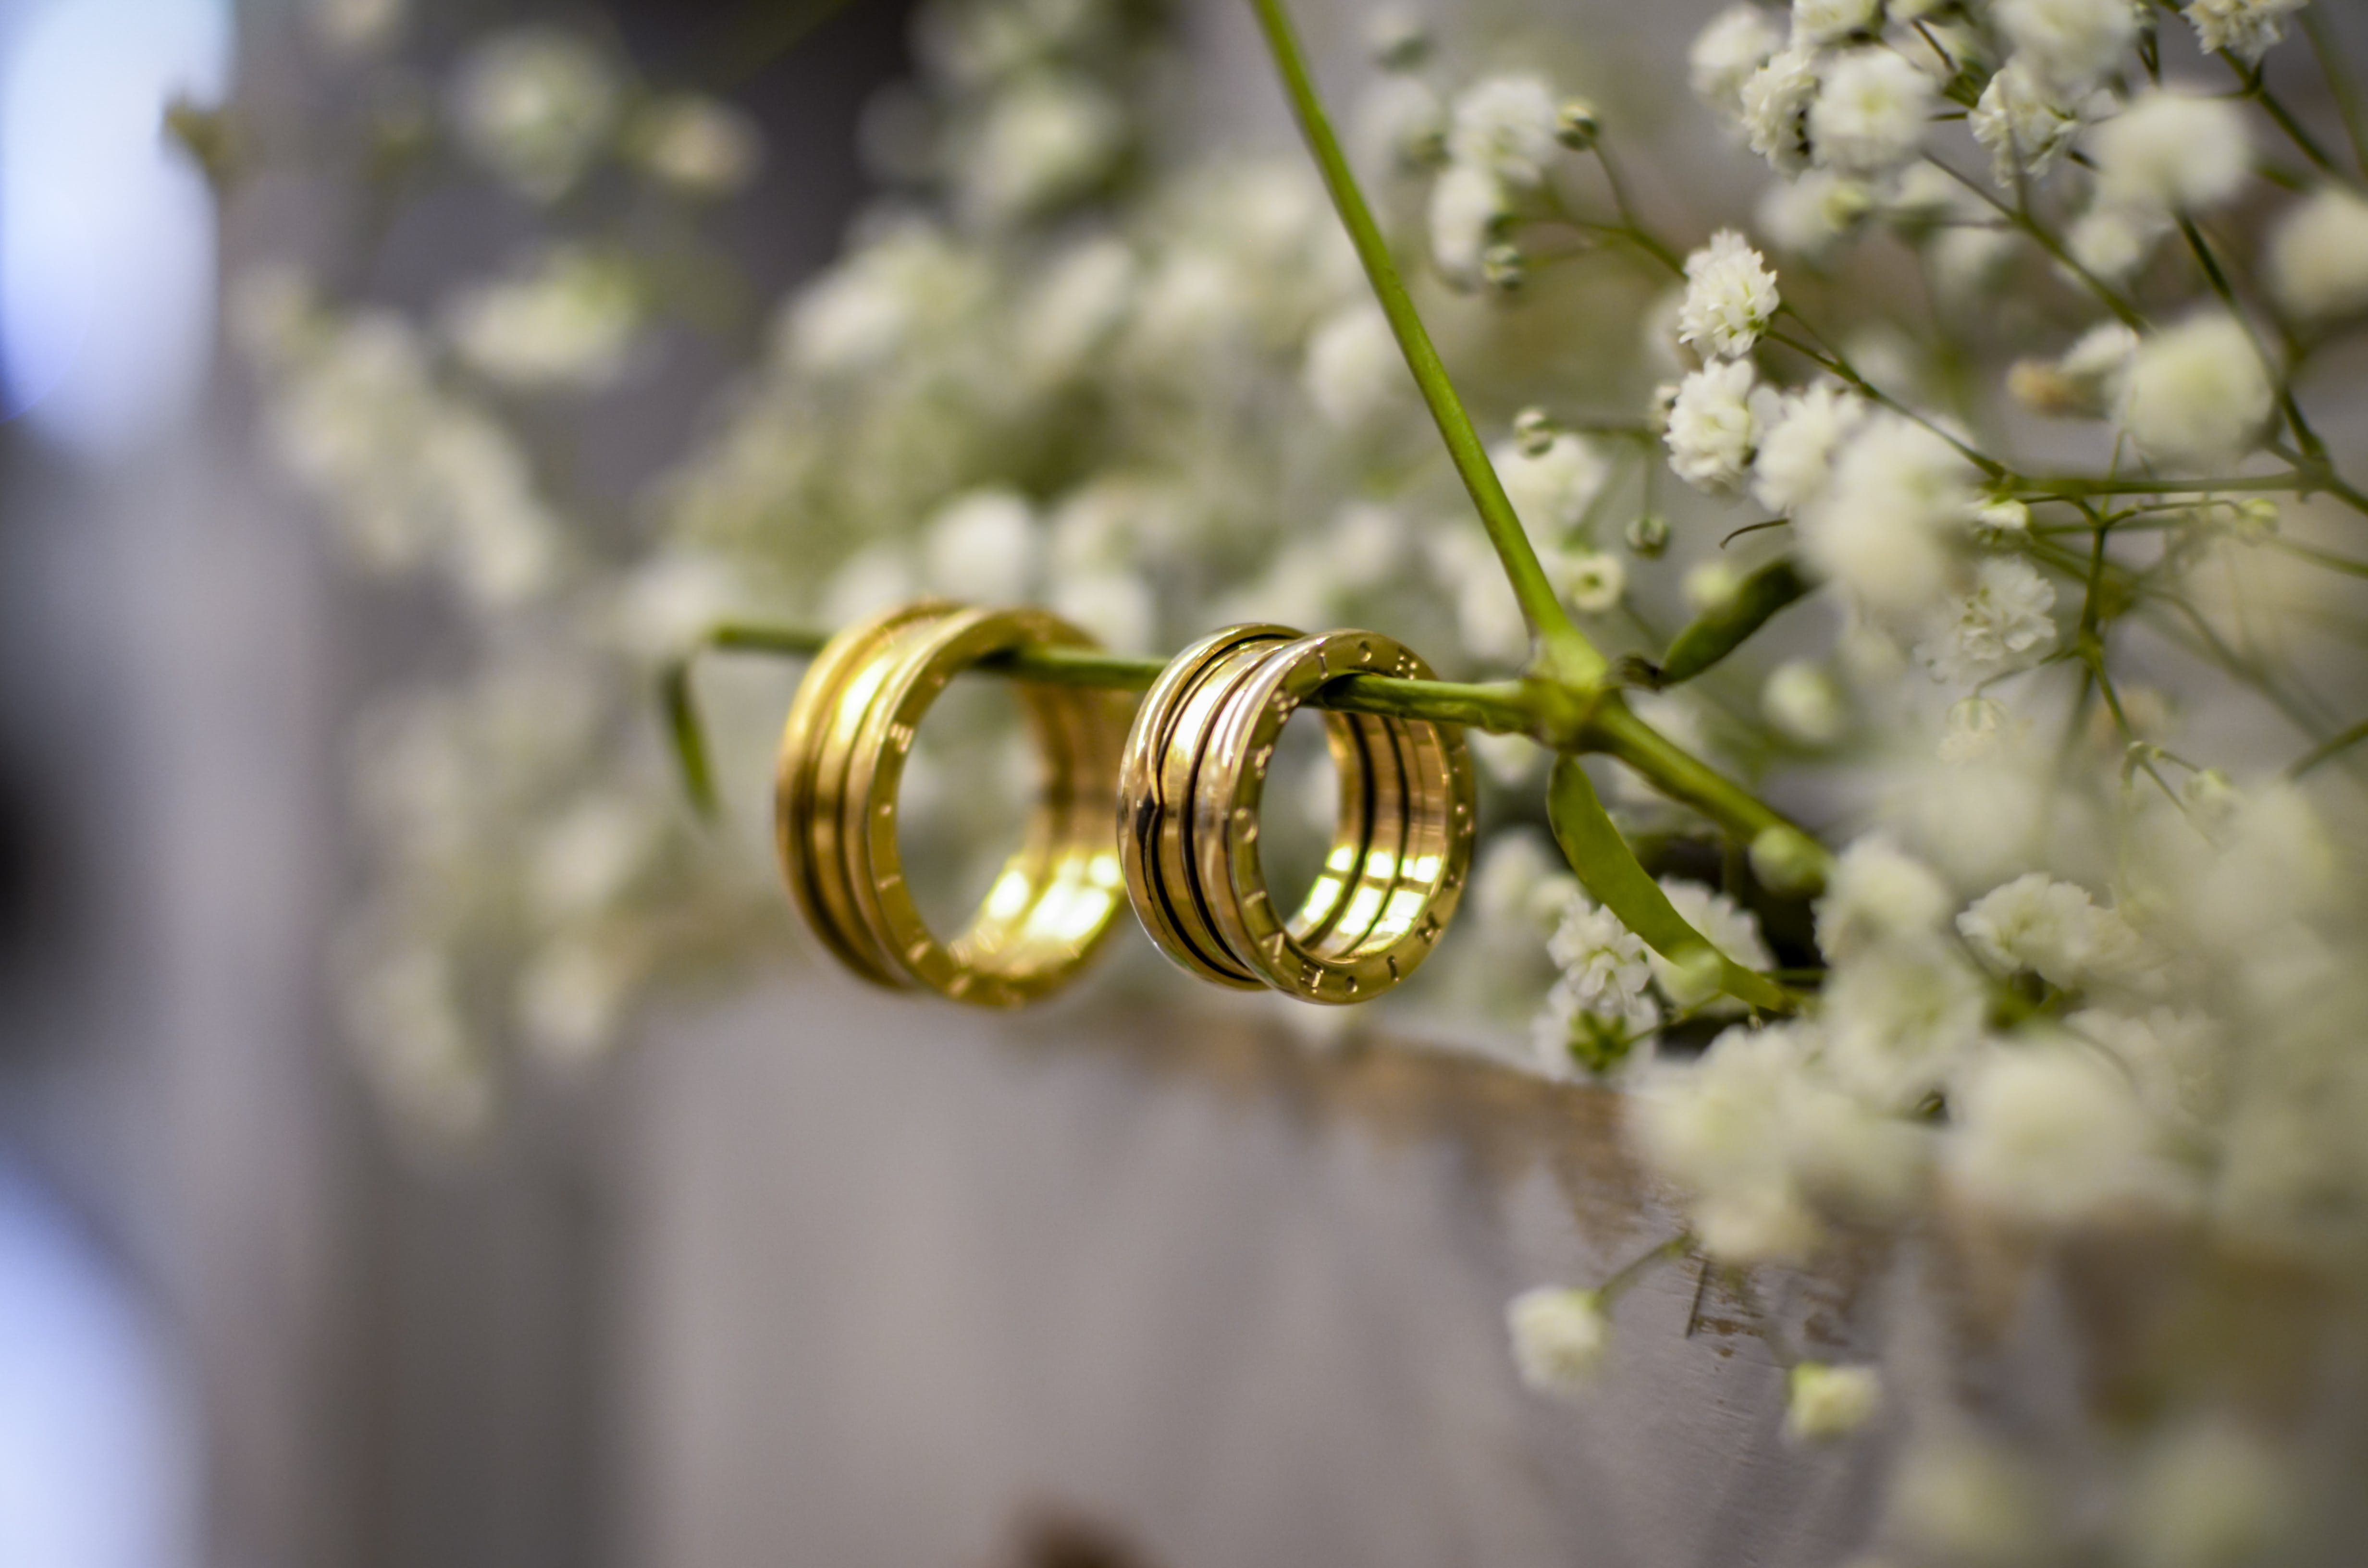 คลังภาพถ่ายฟรี ของ การแต่งงาน, ข้อผูกมัด, ความชัดลึก, ความรัก